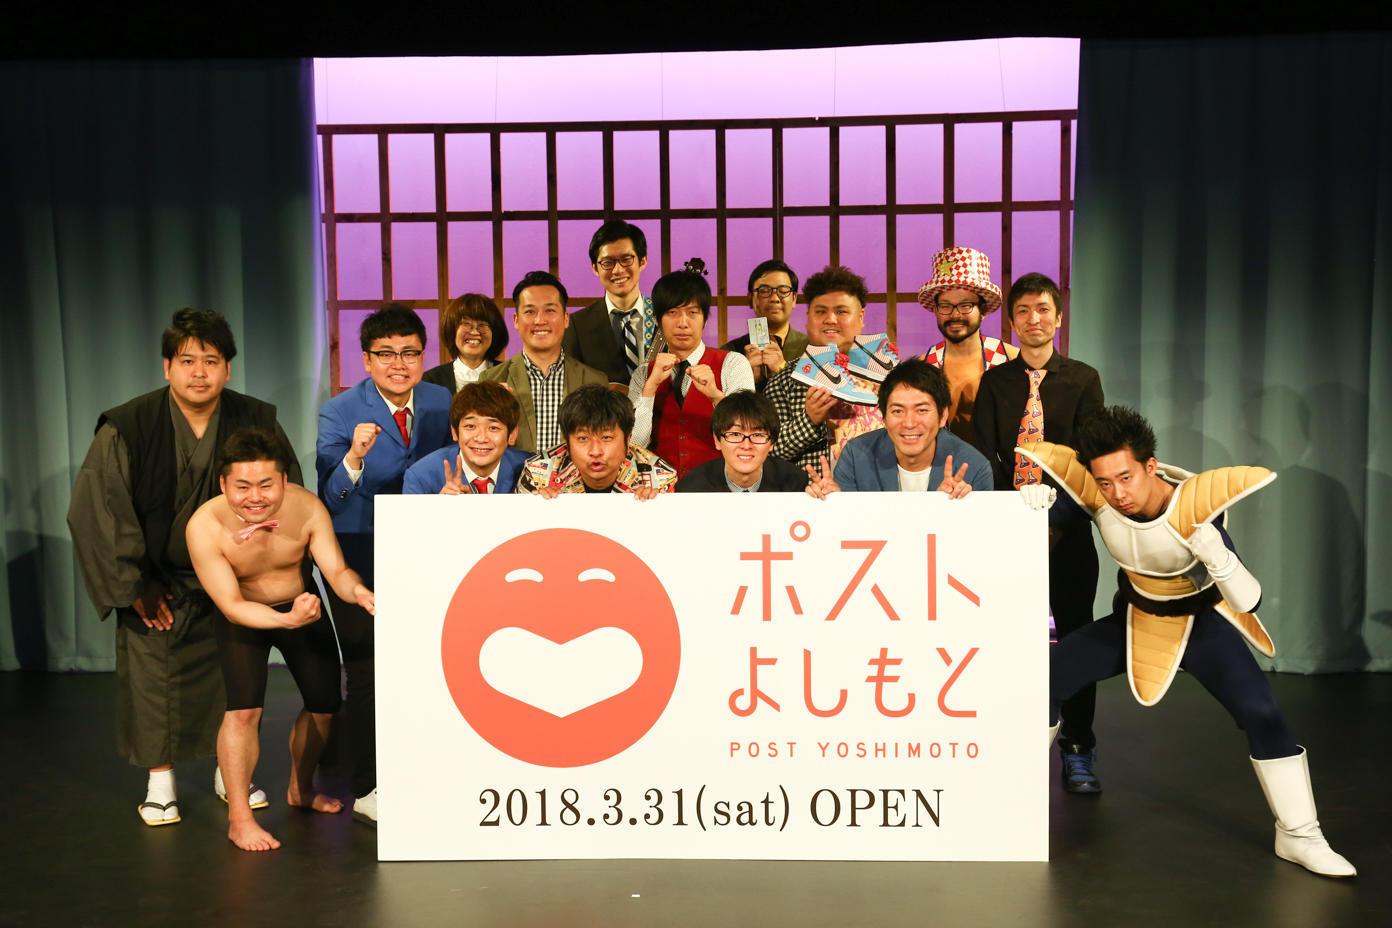 http://news.yoshimoto.co.jp/20180329150823-79bba49a2387100d96023a53cd8212194648ffde.jpg